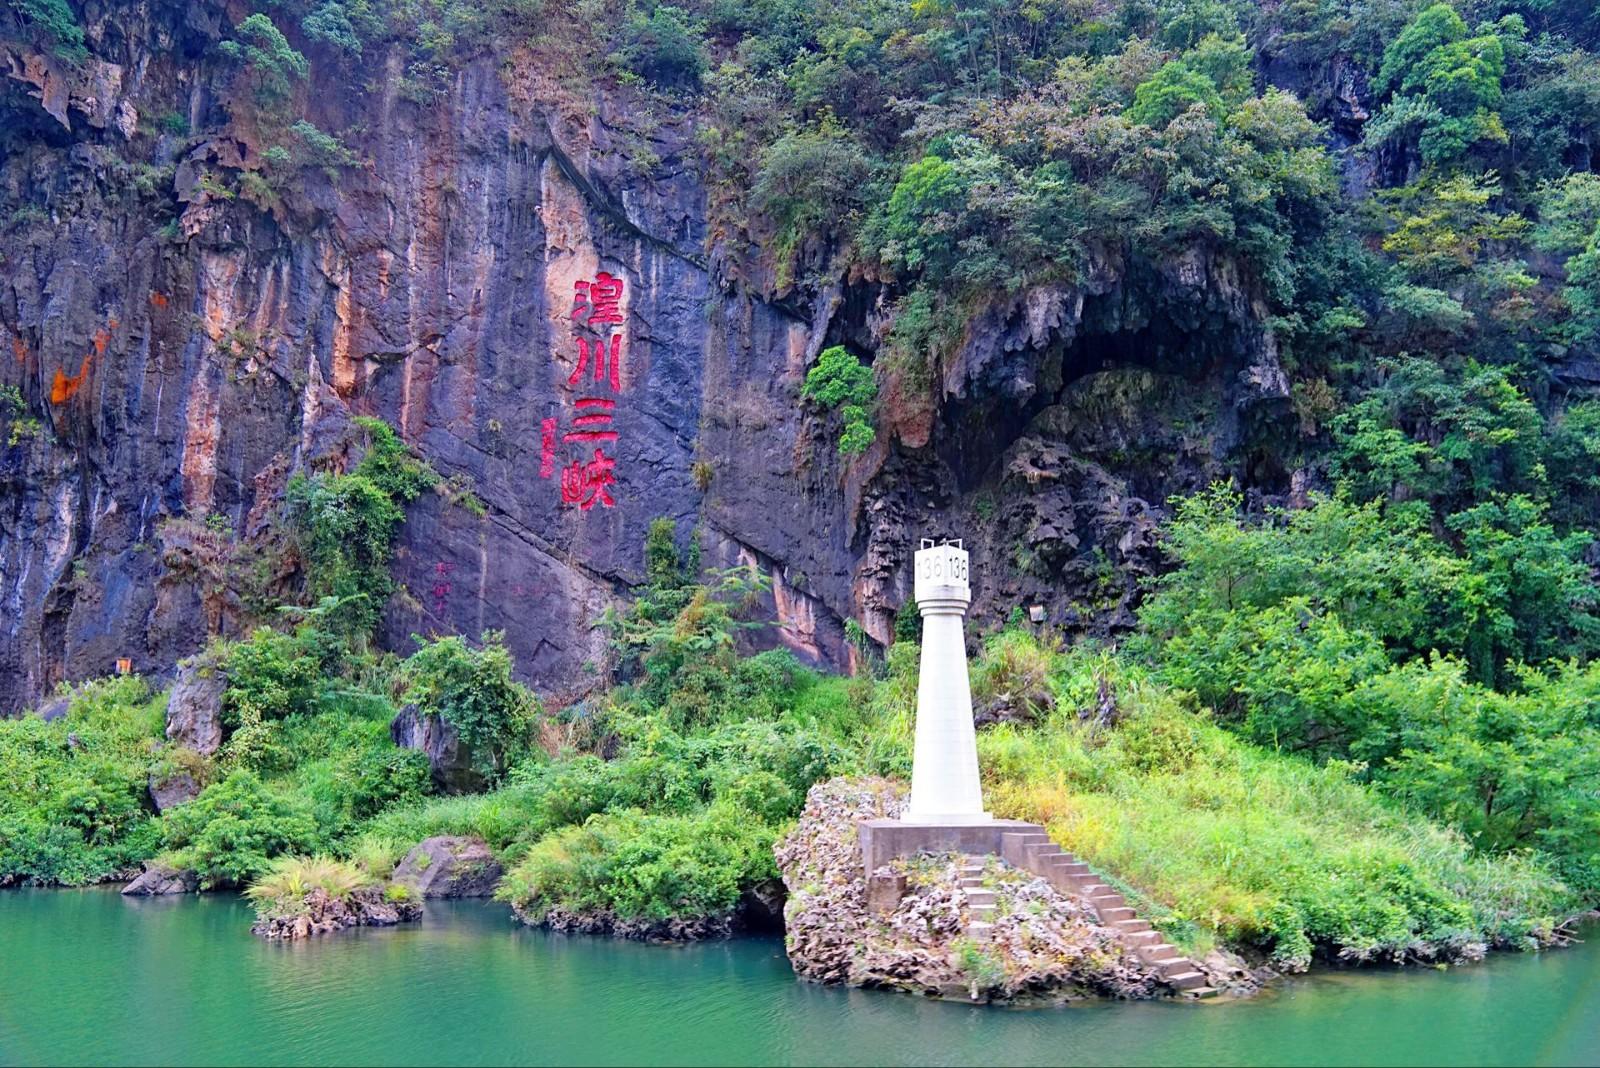 岭南一绝,惊艳连州地下河;龙潭度假,盛景三峡在湟川